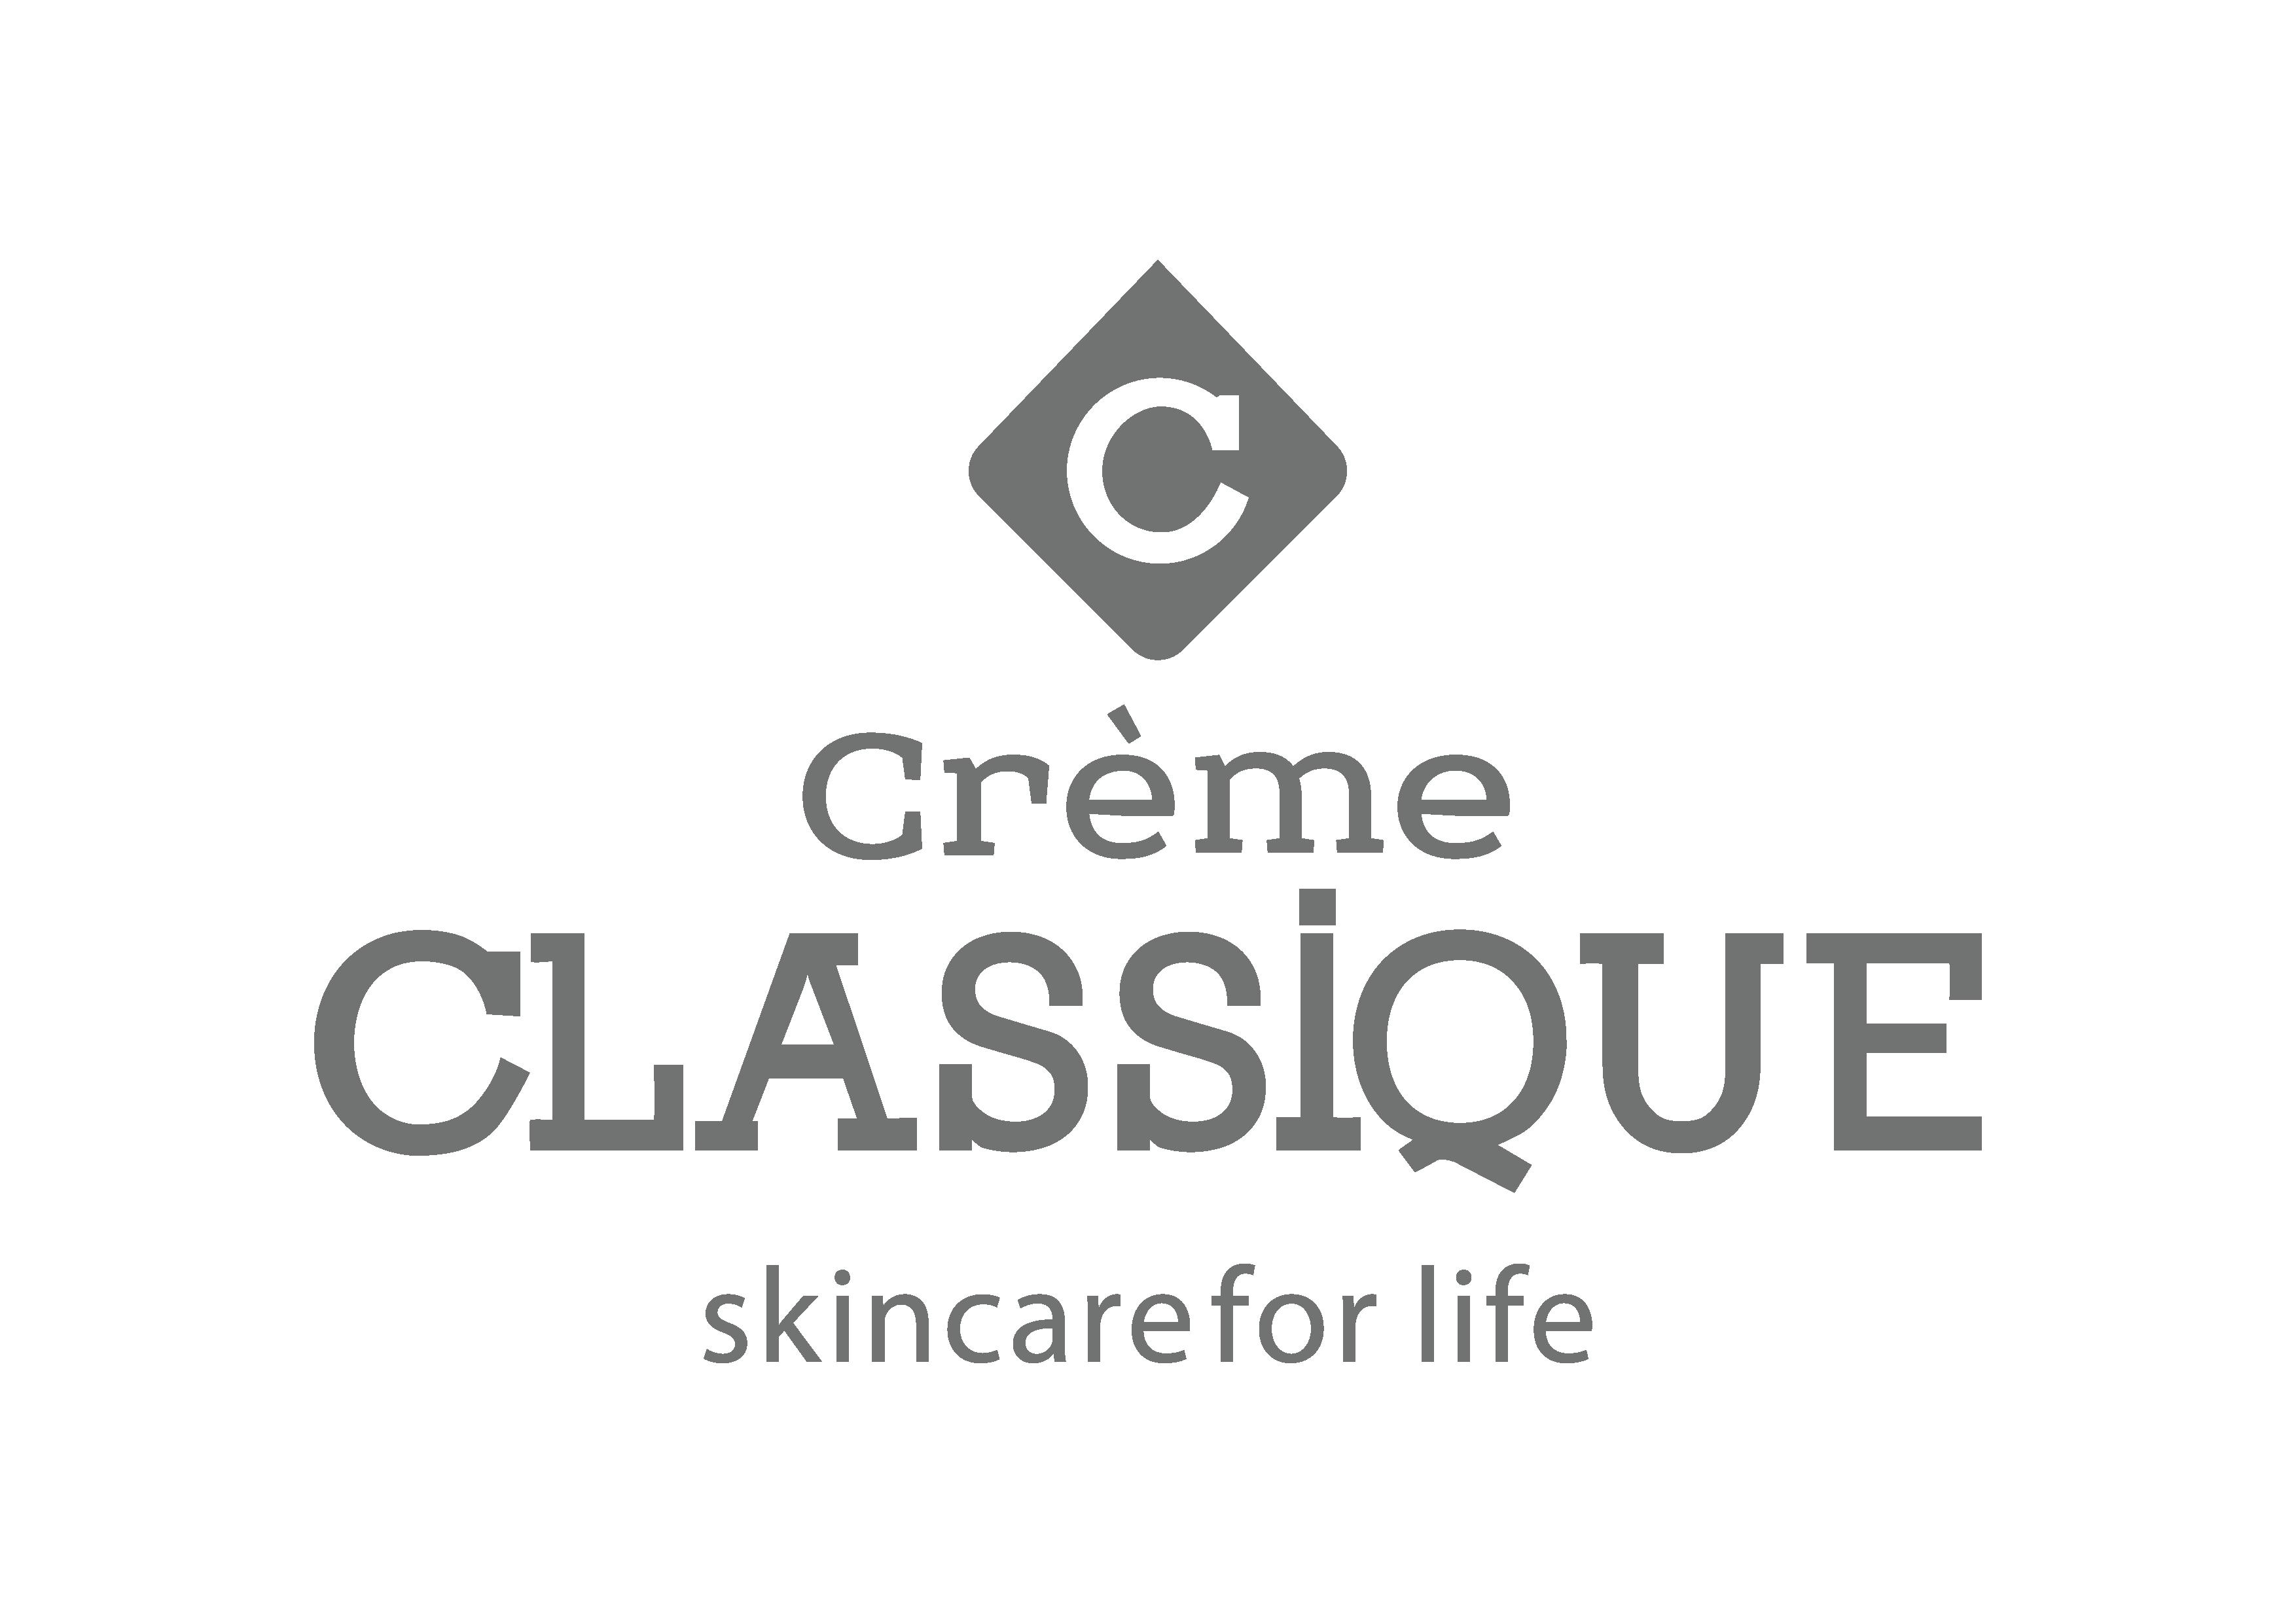 Crème Classique